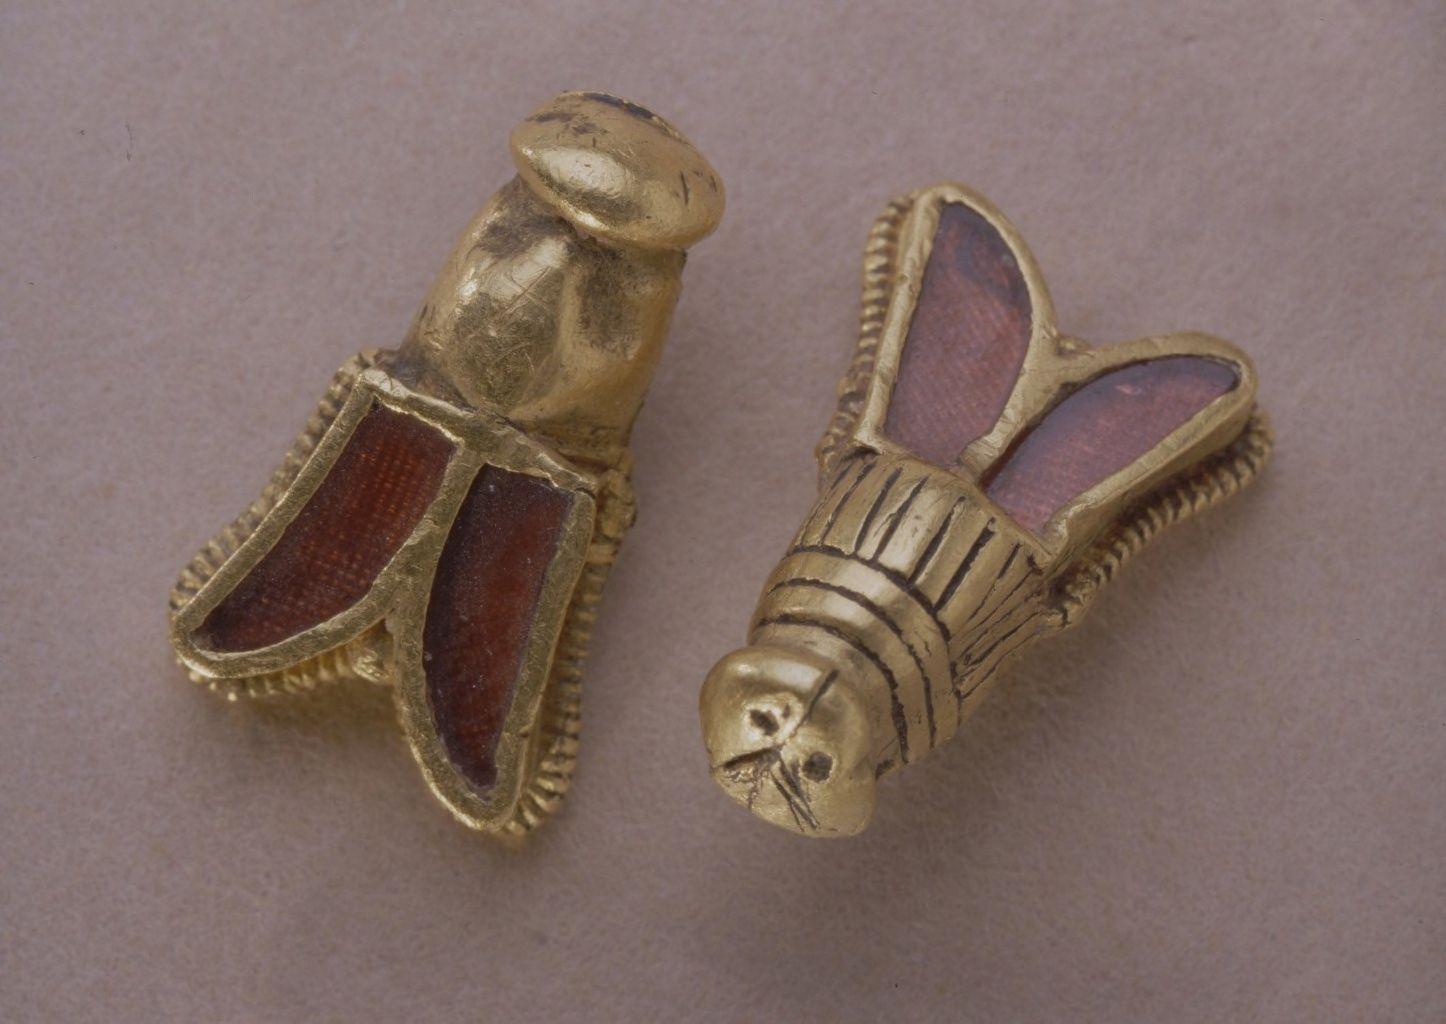 Abejas de oro que formaban parte del ajuar de Childerico - Orígenes de Europa